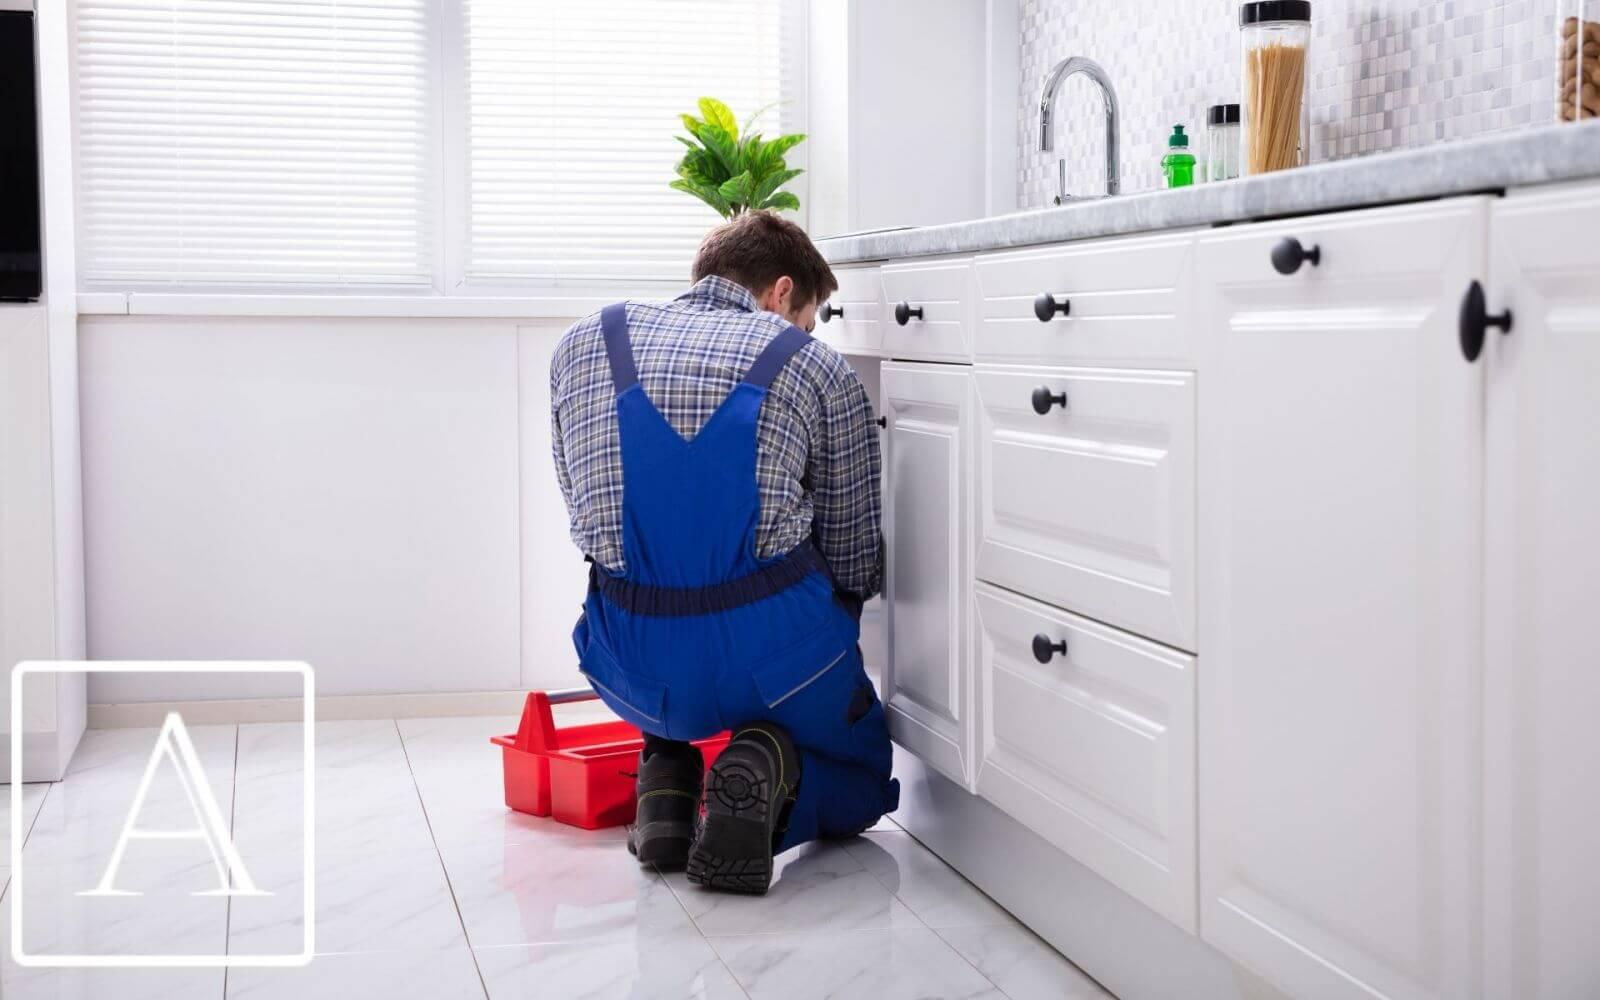 Le plombier de votre cuisine